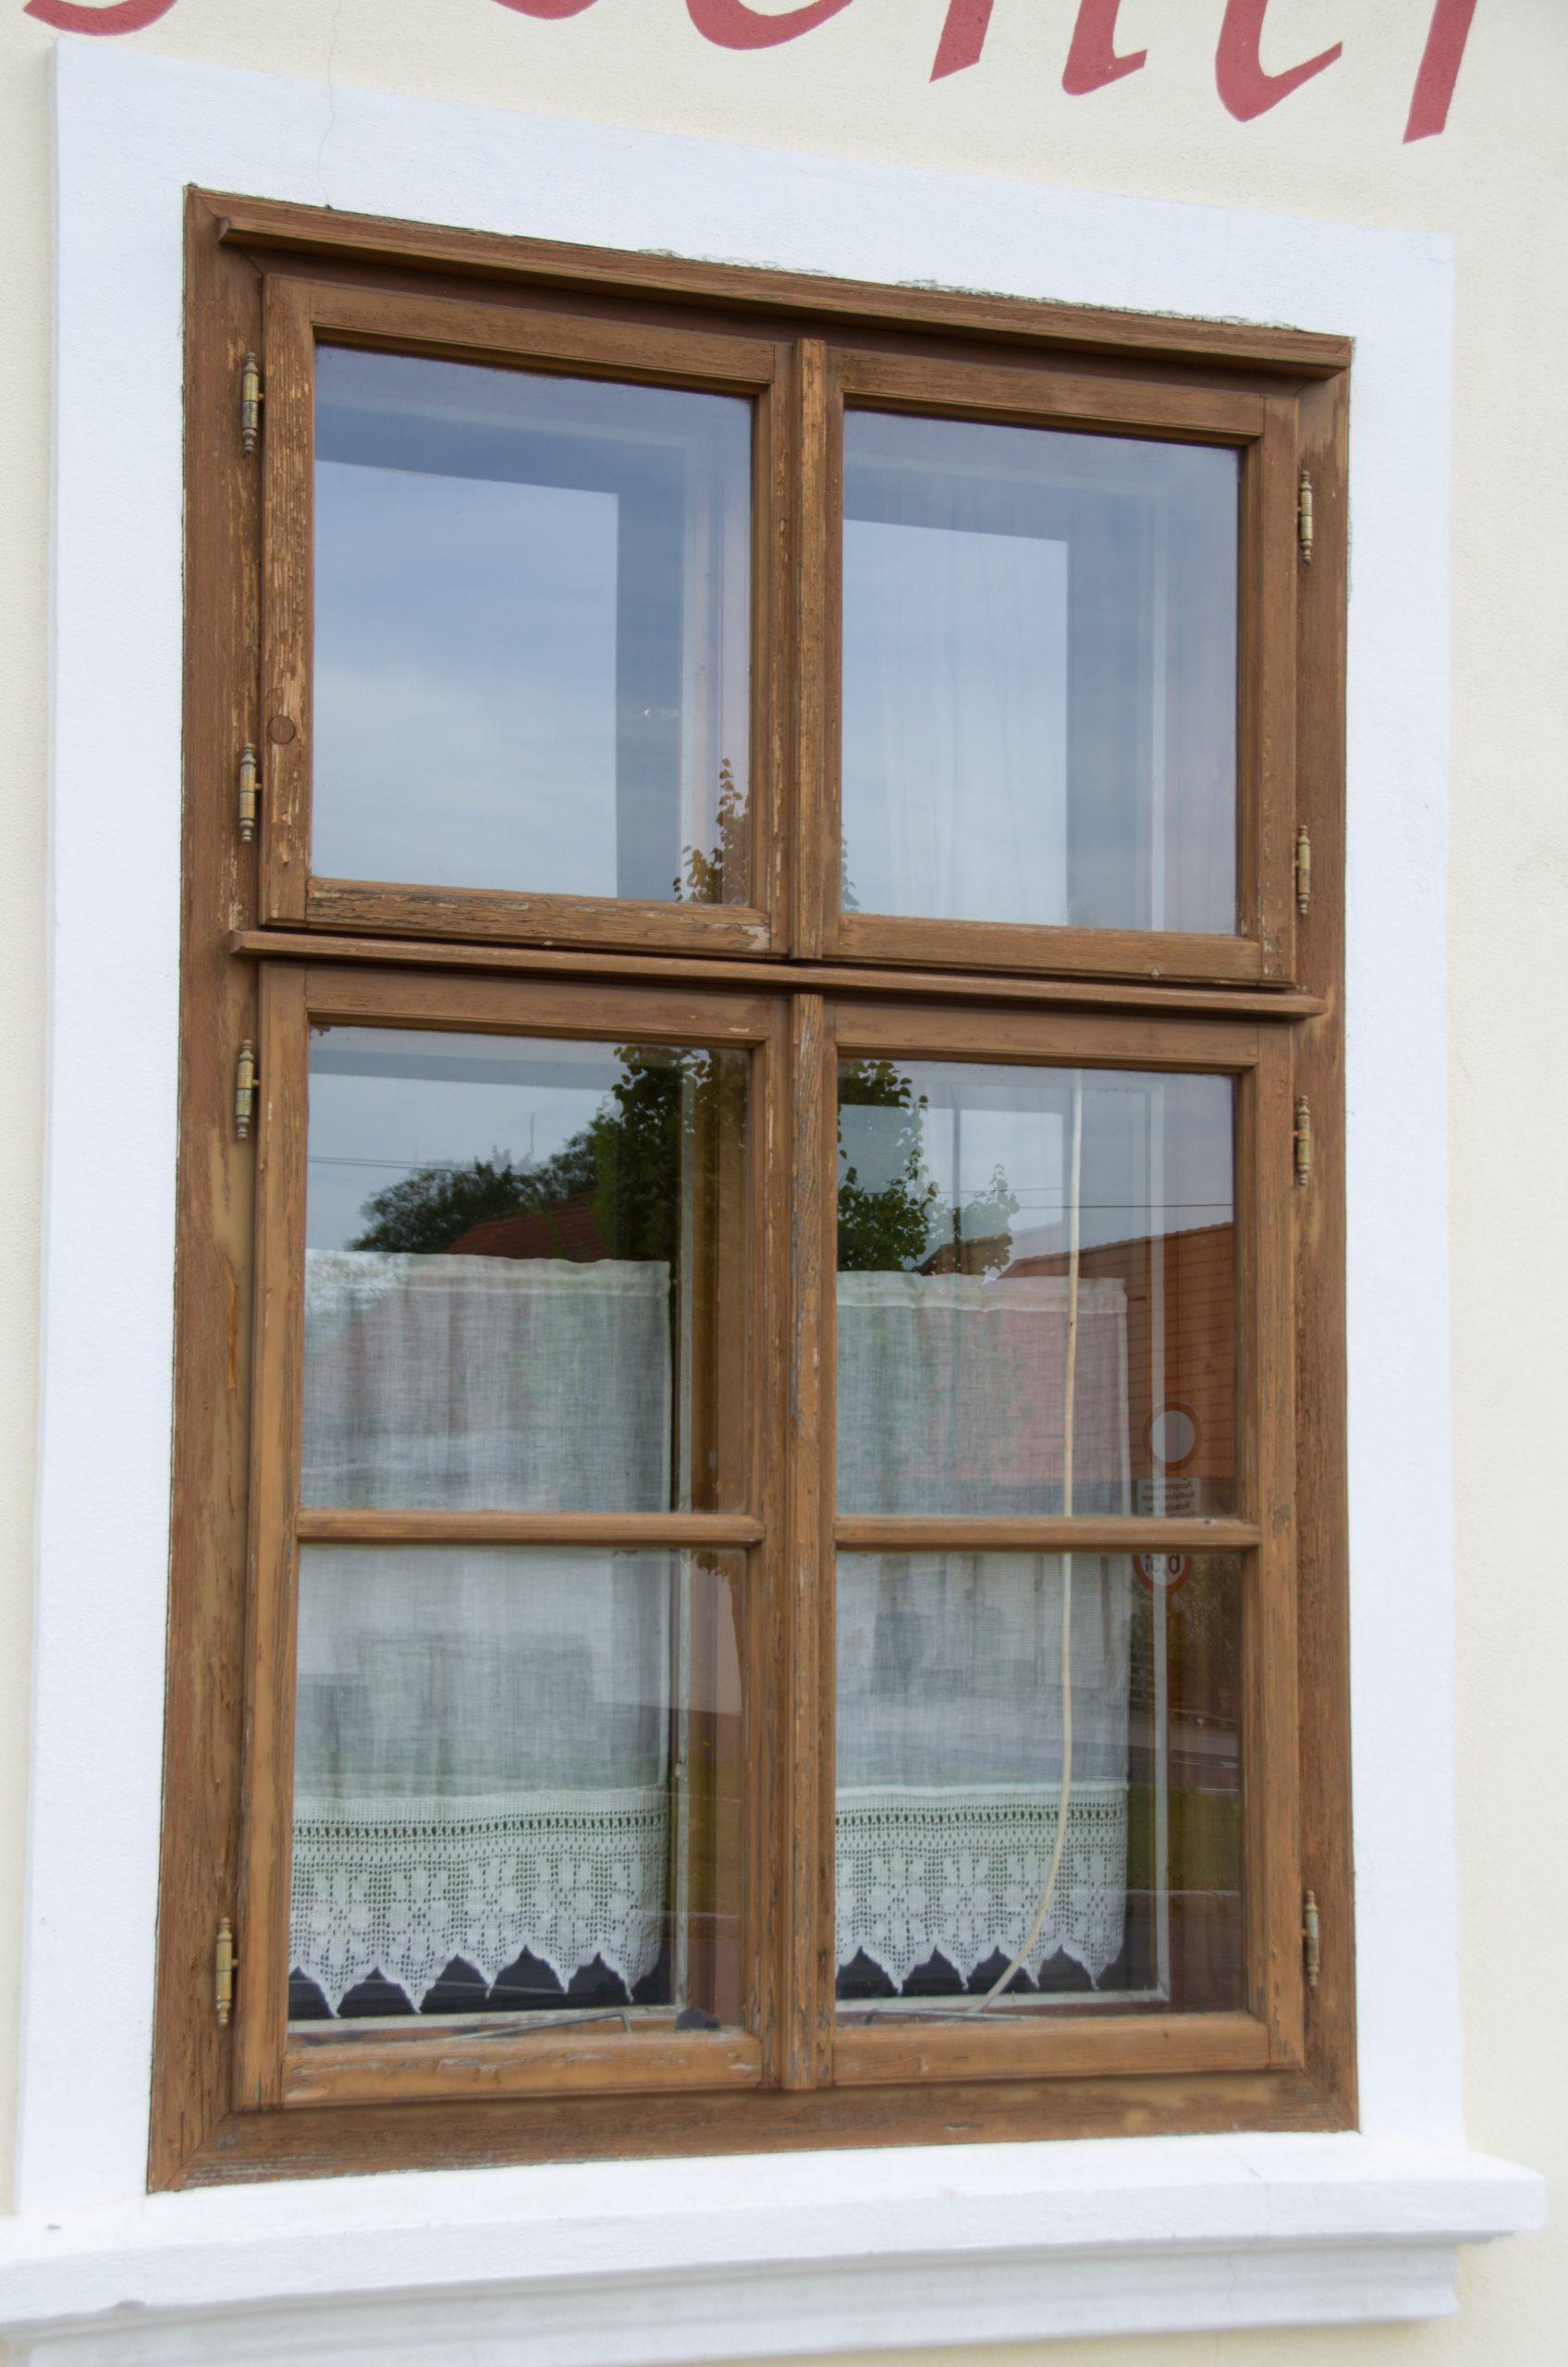 Full Size of Lohnt Es Sich Standardmaße Fenster Mit Integriertem Rollladen Alte Kaufen Bett Günstig Einbruchsicherung Eingebauten Rolladen Einbruchschutz Einbruchsichere Fenster Fenster Günstig Kaufen